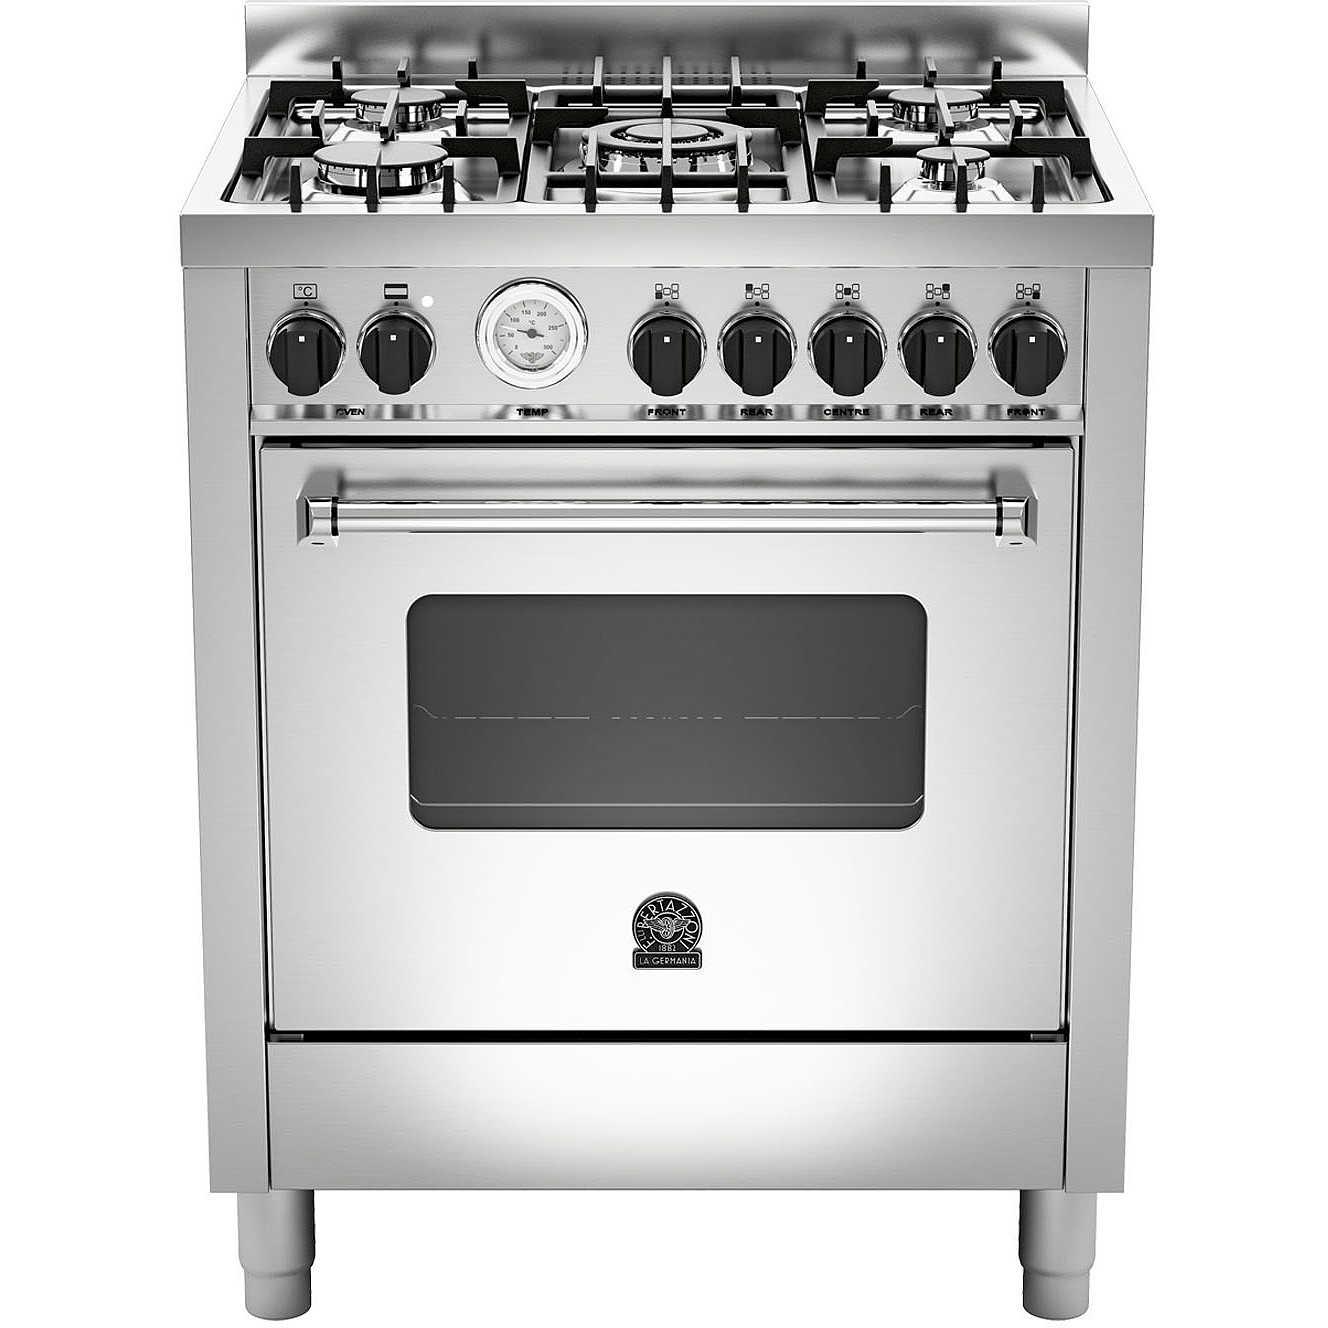 La Germania Amn705mfesxt Cucina 70x60 5 Fuochi A Gas Forno